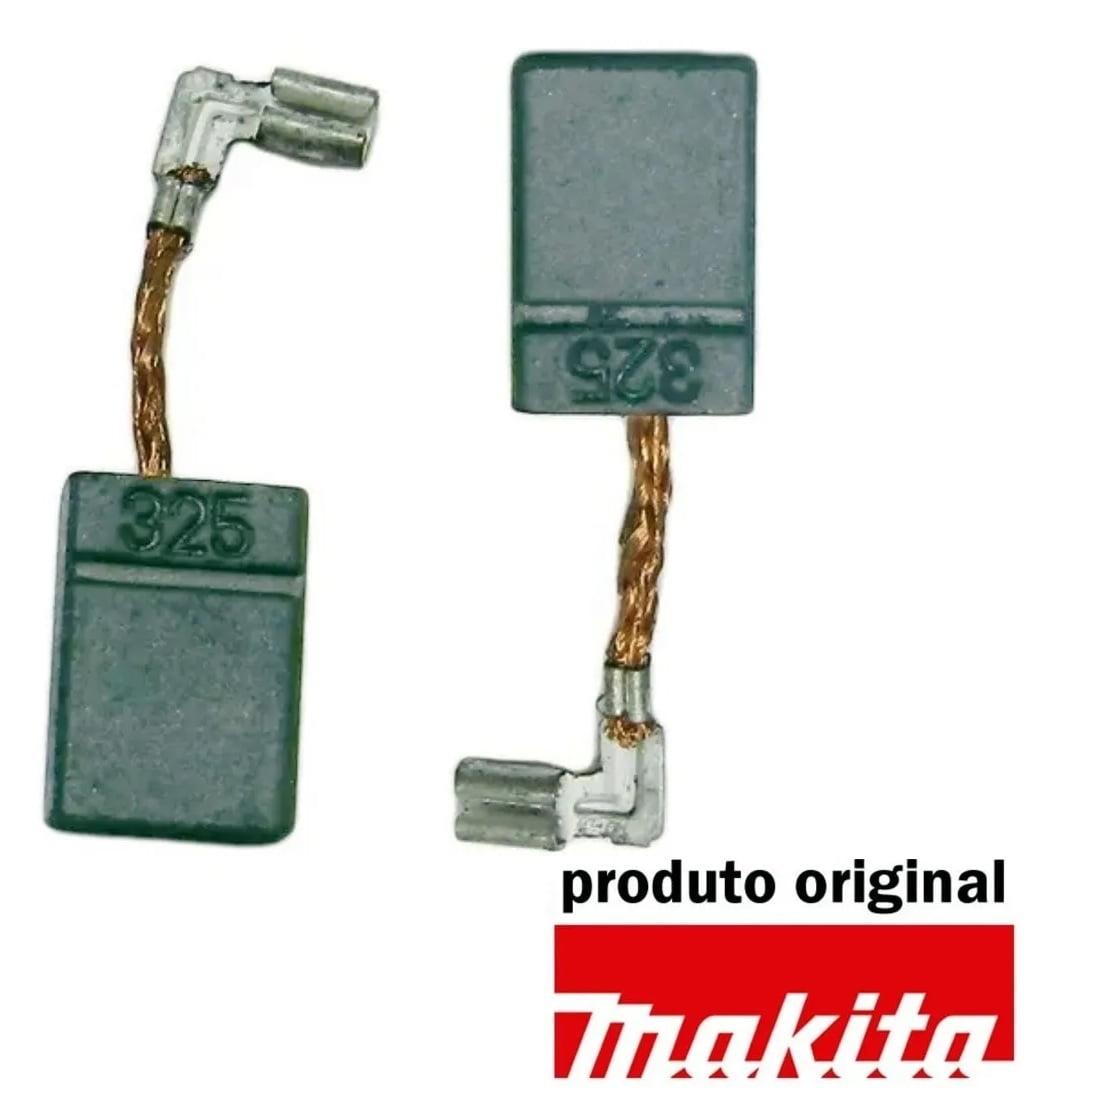 Escova de carvão CB-325 Makita - Esmerilhadeira / Martelete / Retifica